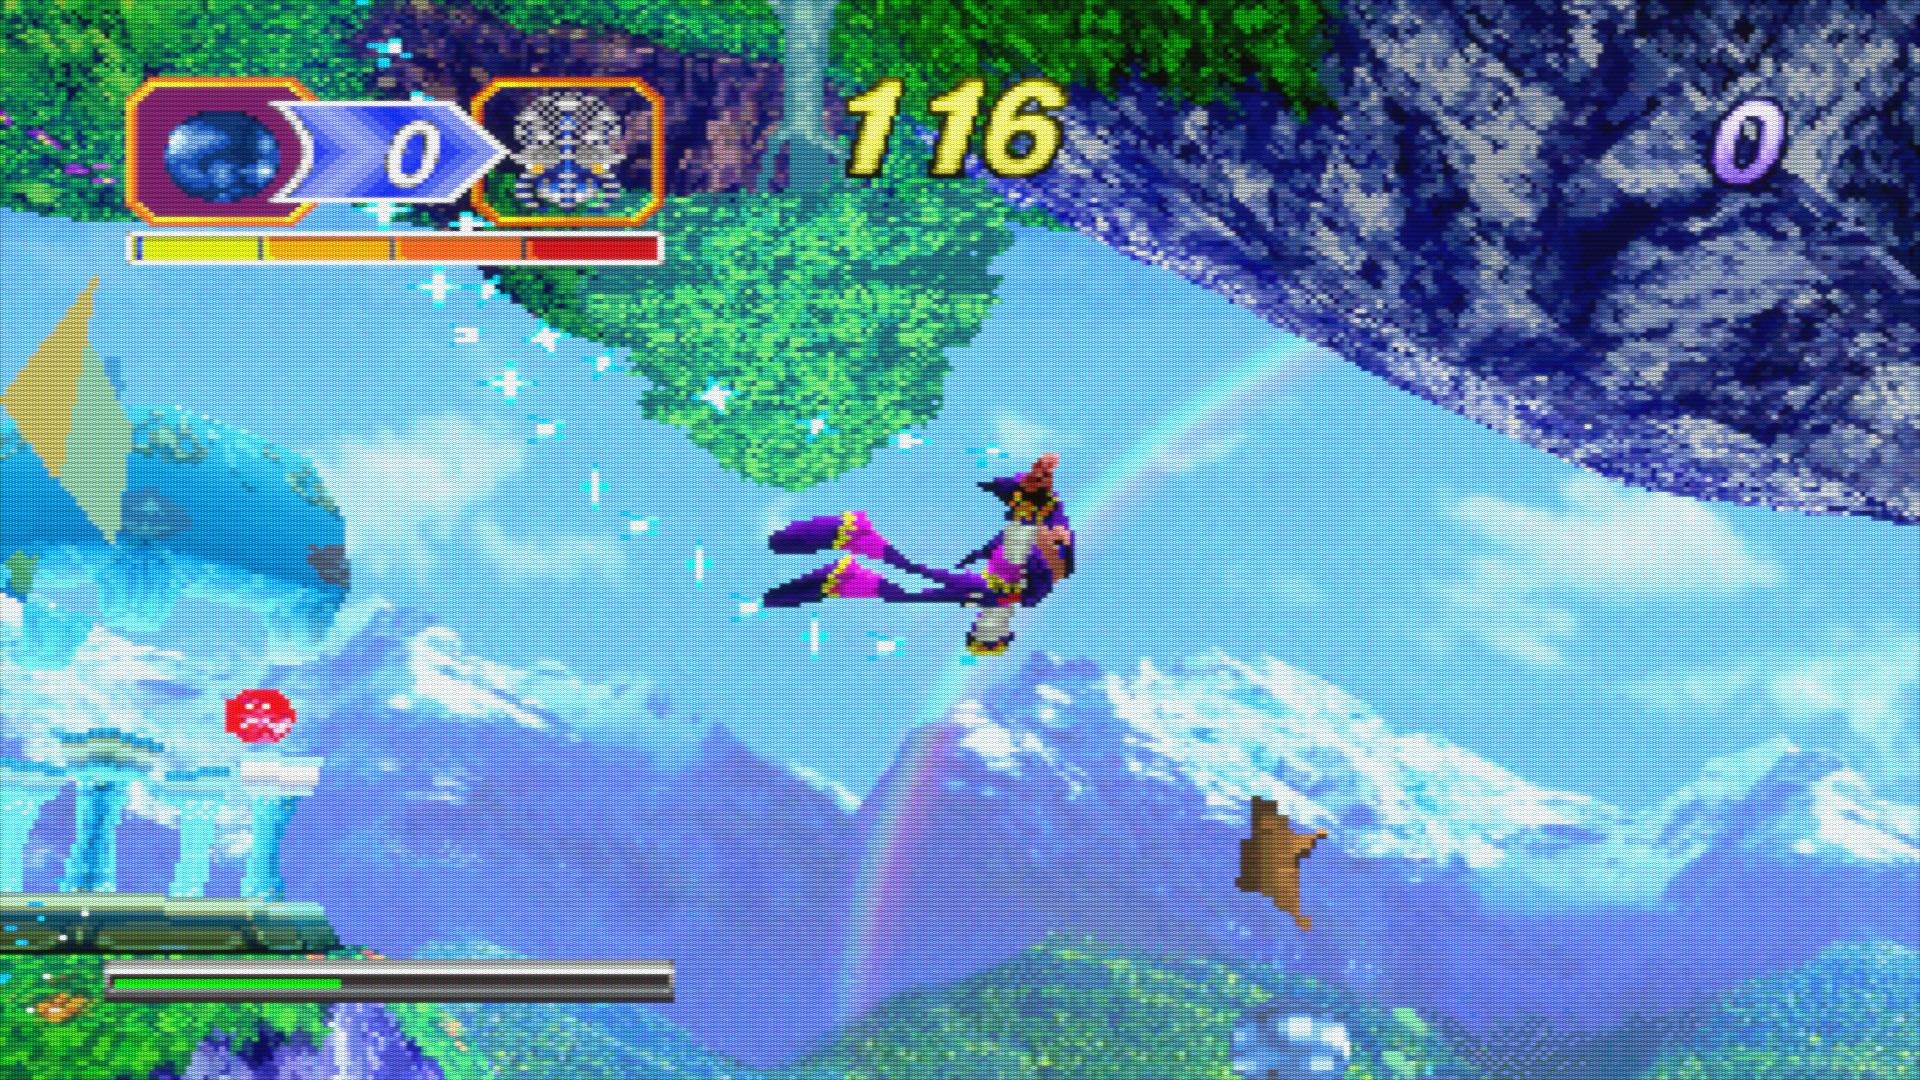 Amazed by Sega Saturn emulation on Mednafen with SABR 3 0